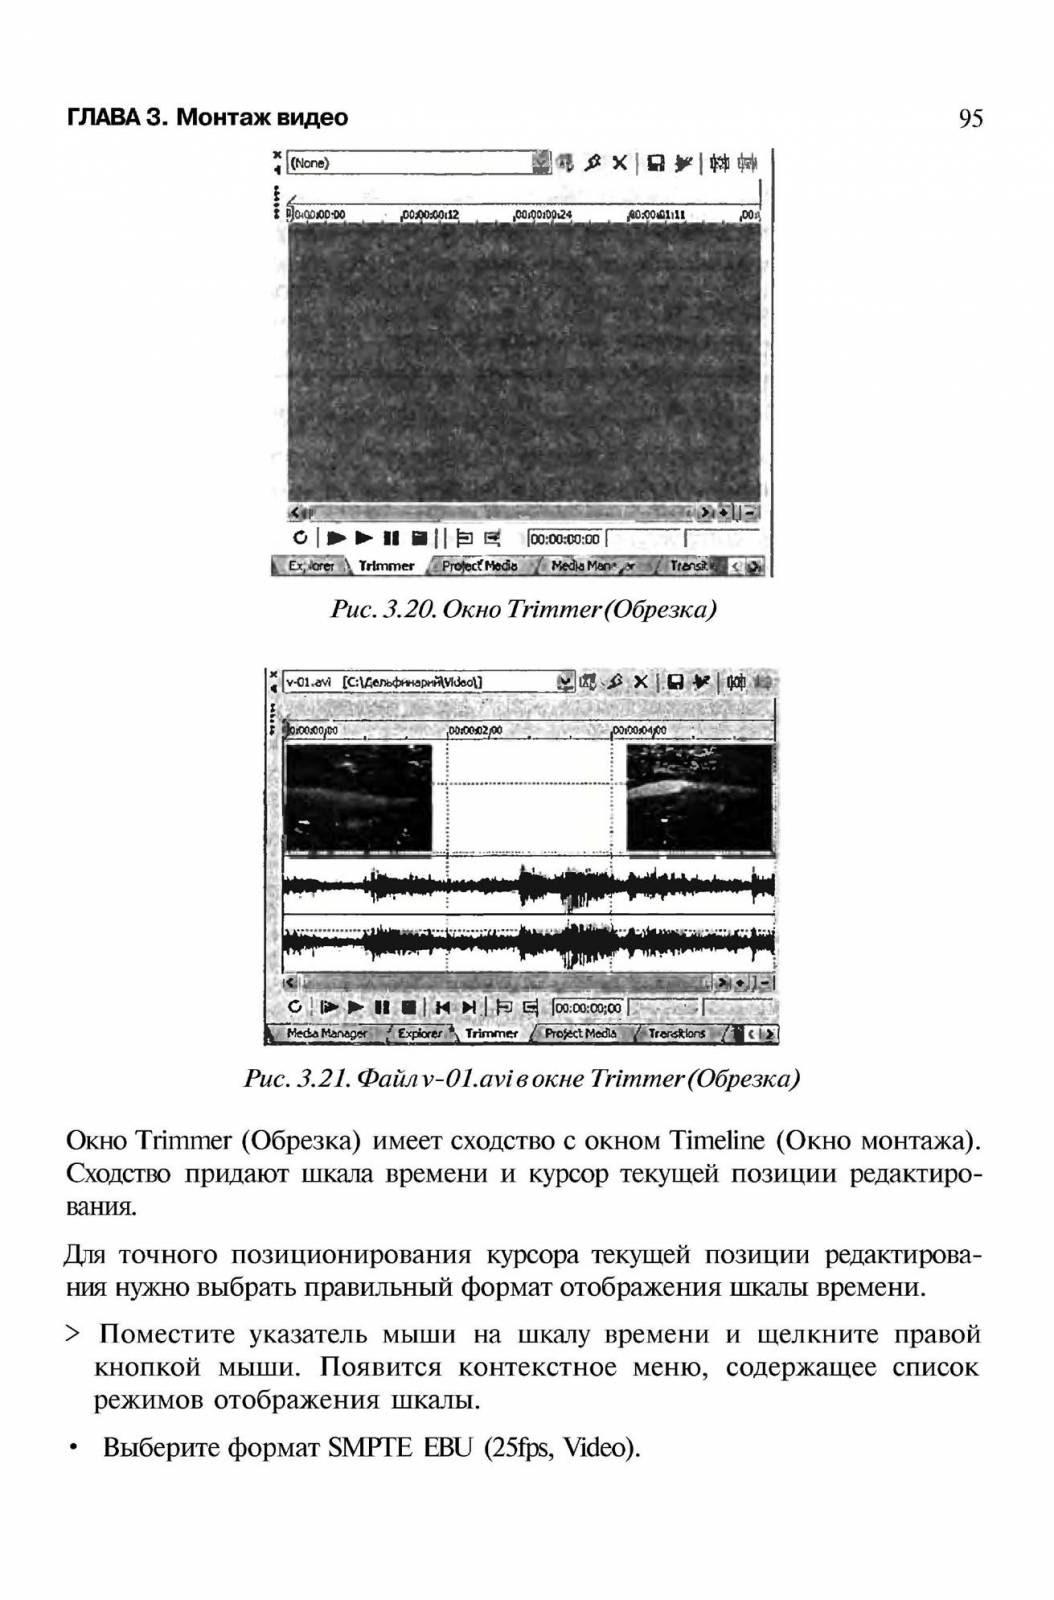 http://redaktori-uroki.3dn.ru/_ph/13/380816876.jpg